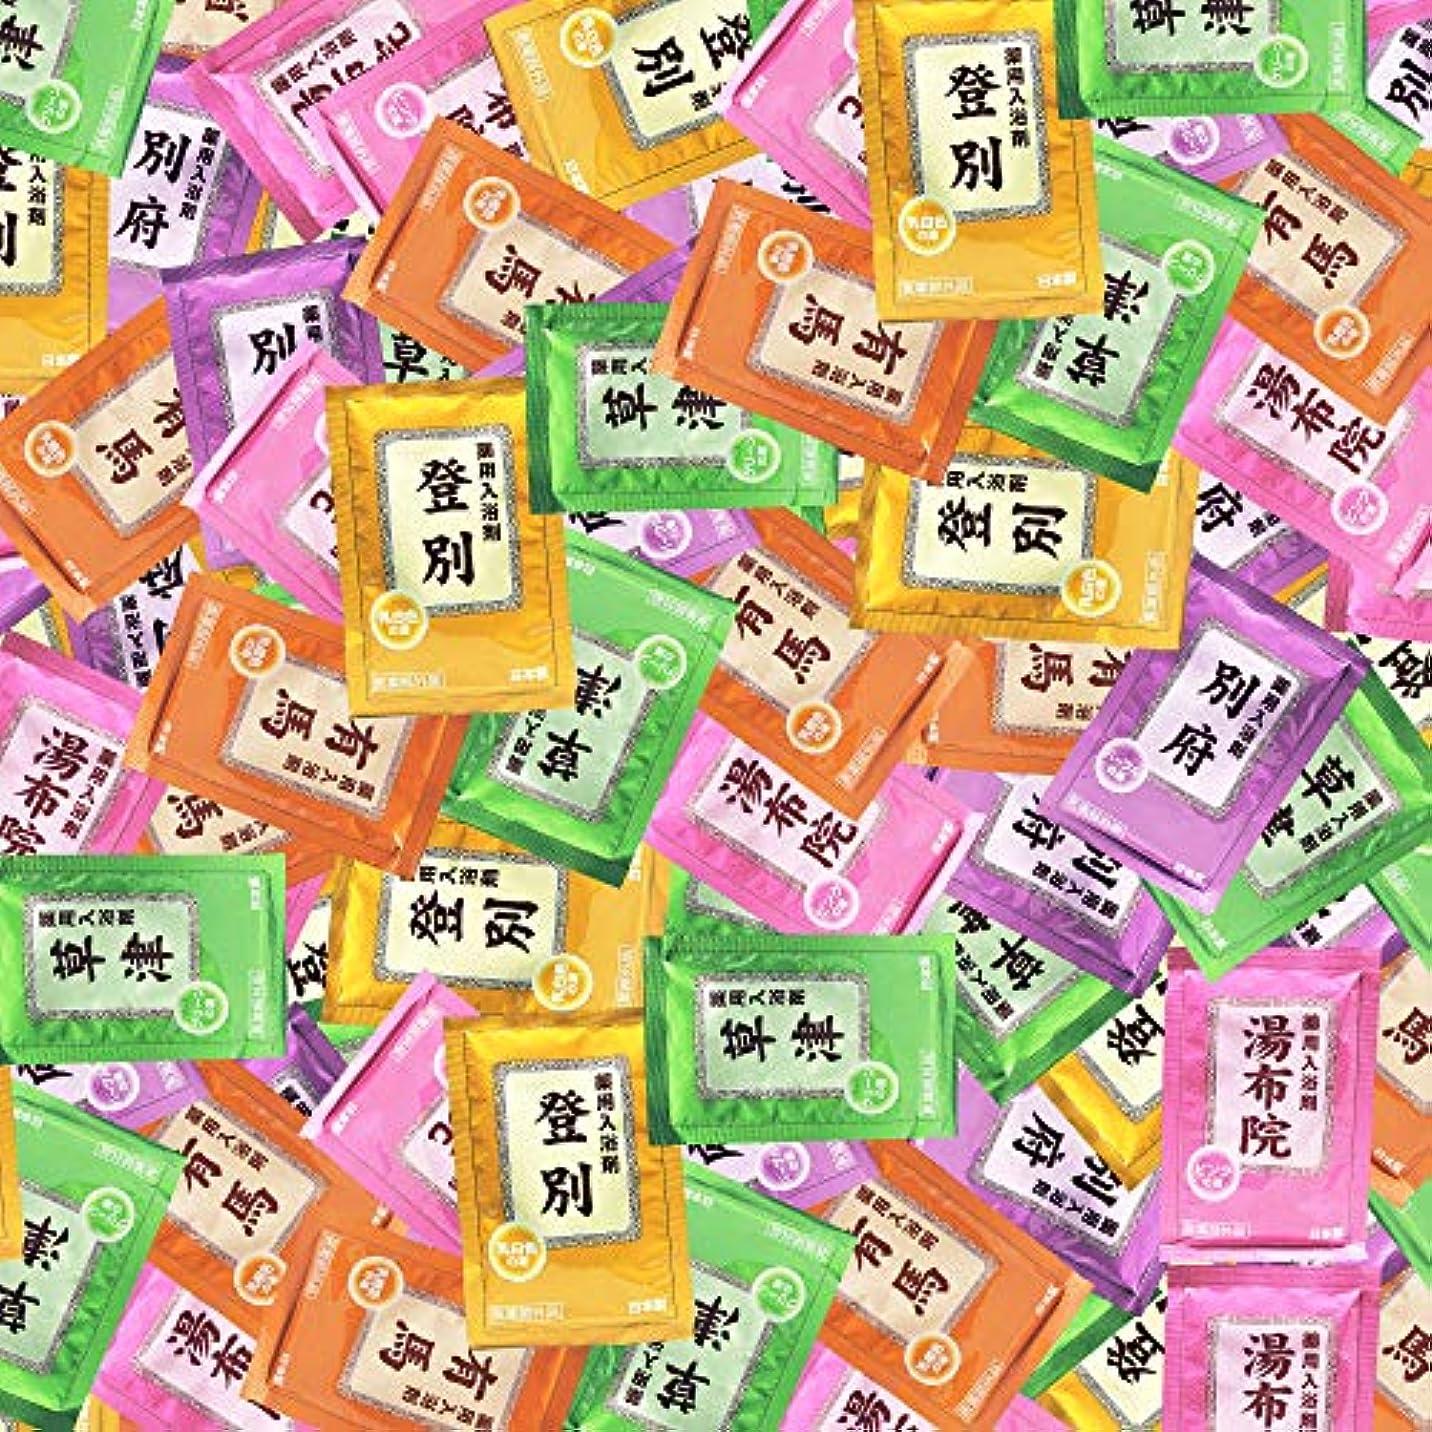 楽しむ酸化物恥ずかしい入浴剤 ギフト プレゼント 湯宿めぐり 5種類 (200袋)セット